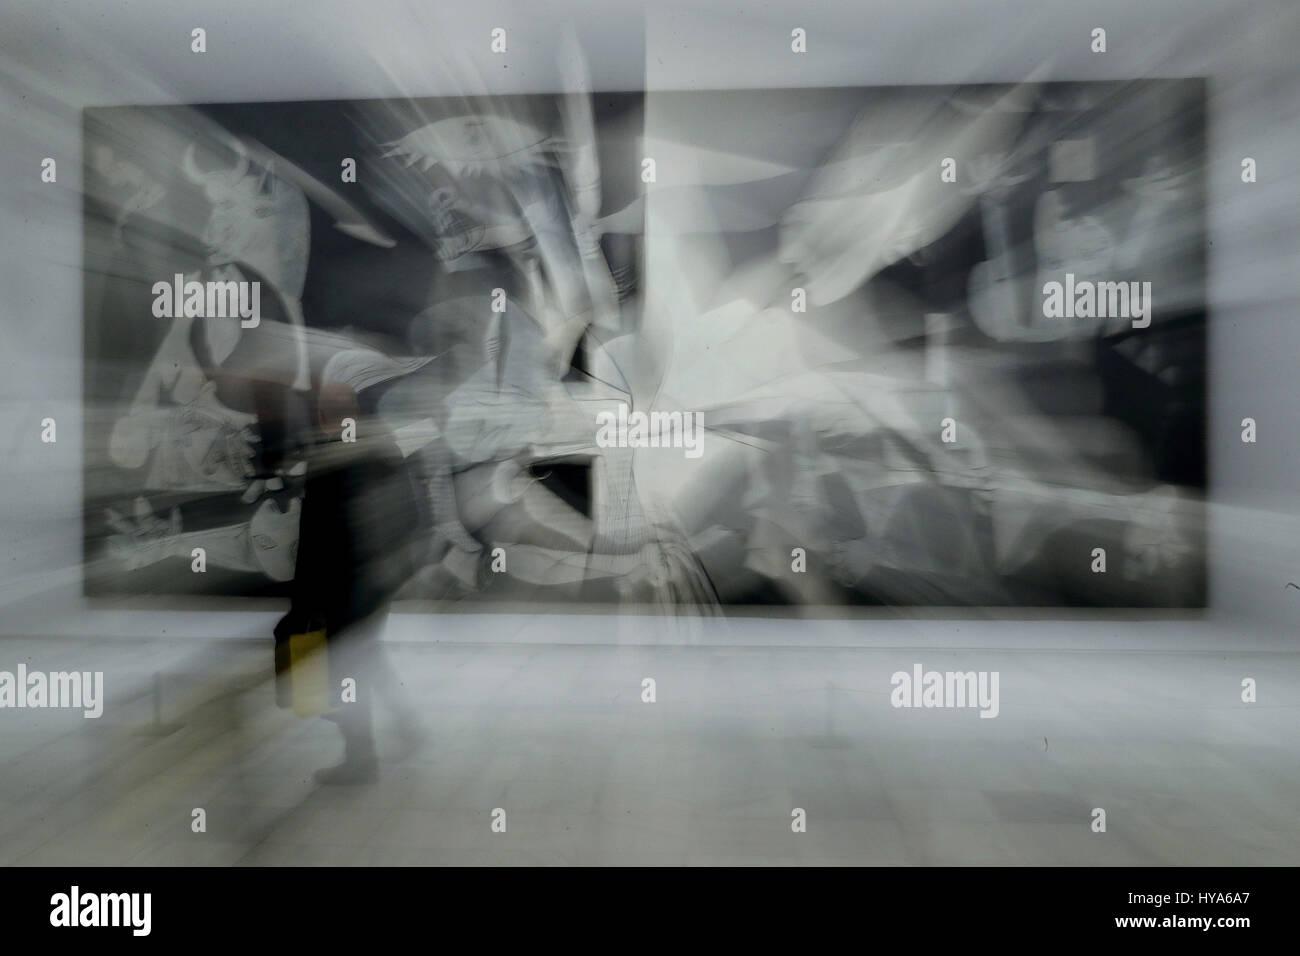 Un visitante observa la obra de arte 'Guernica', del artista español Pablo Picasso, durante la presentación Imagen De Stock